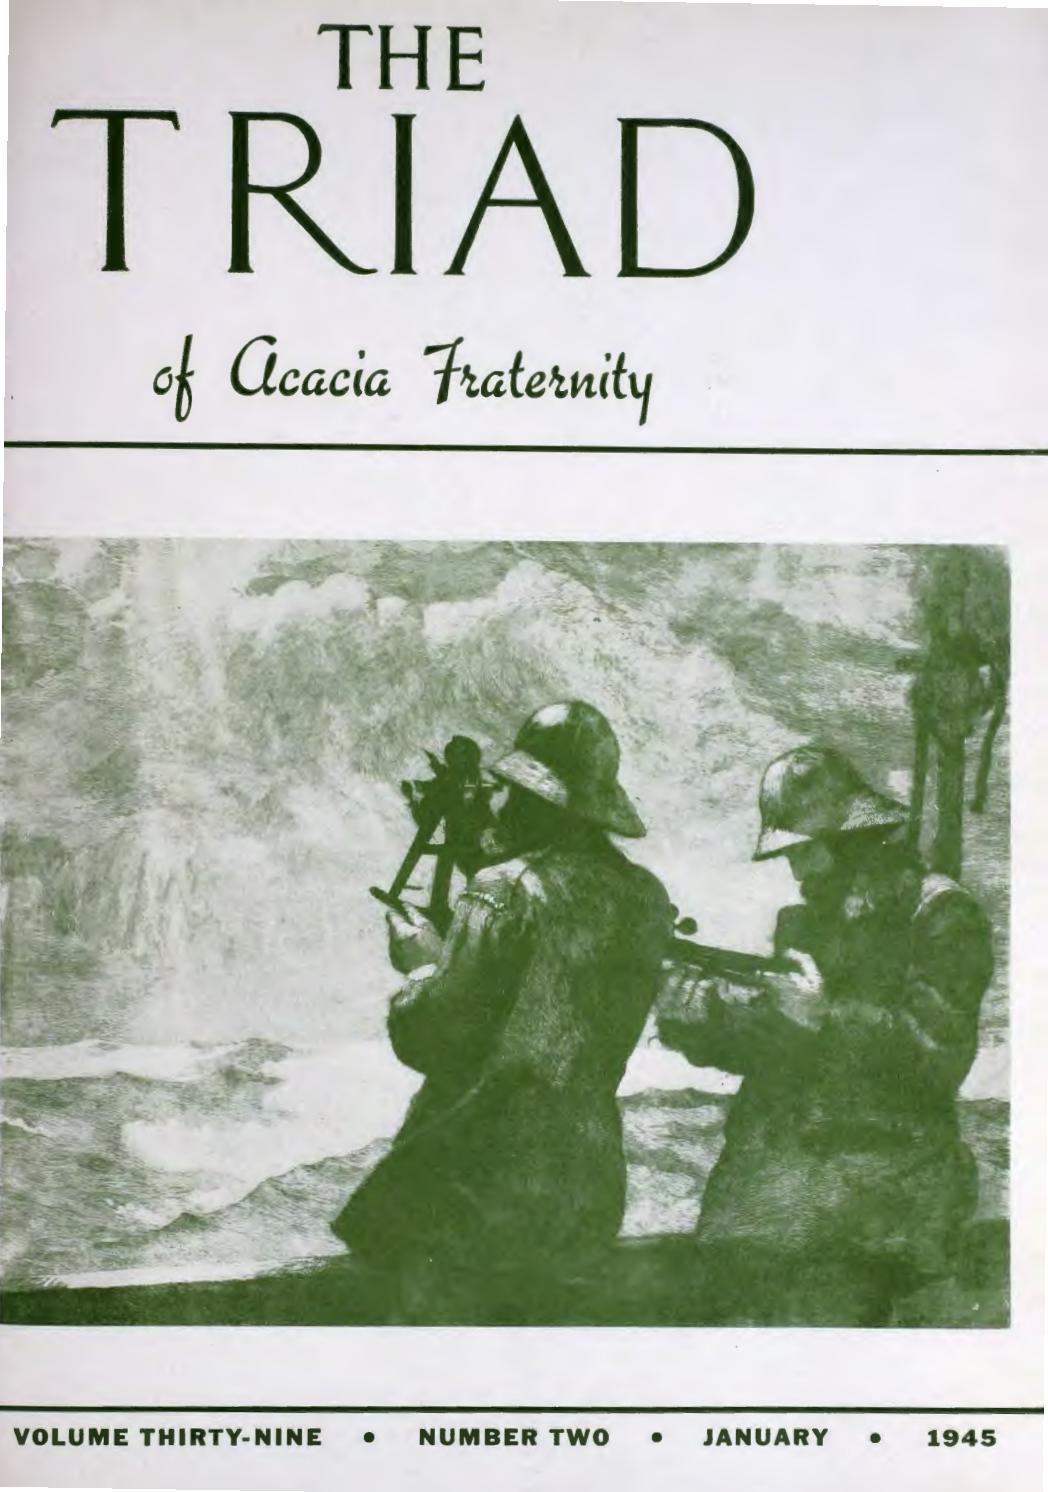 Acacia triad vol 39 no 2 jan 1945 by Acacia Fraternity - issuu